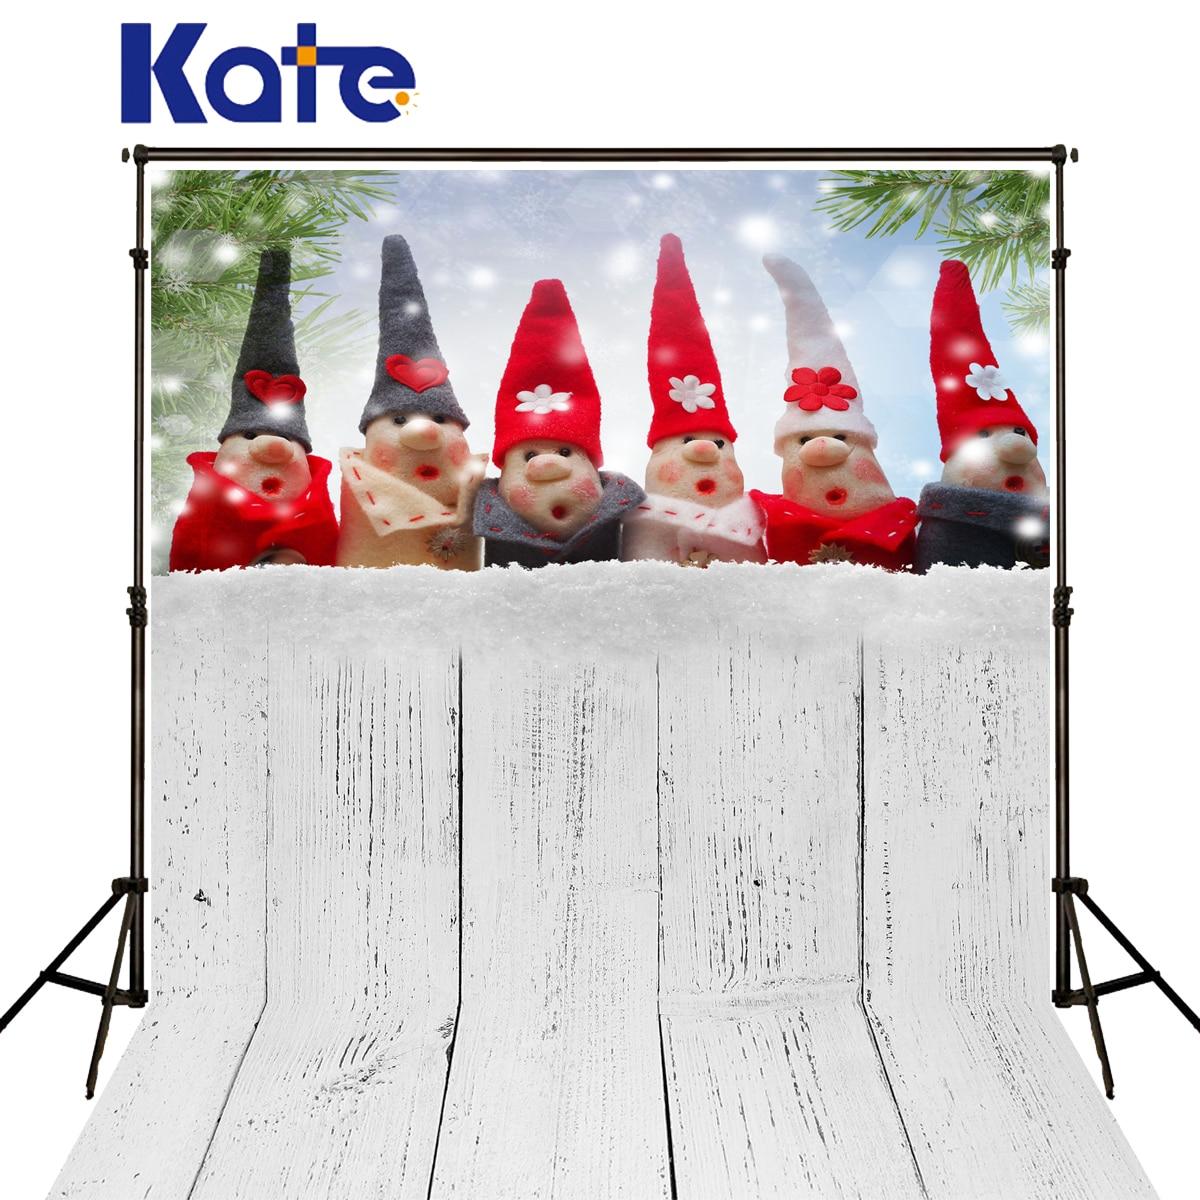 Fond de noël Kate chapeau rouge jouet neige Fondo Navidad arrière-plans Photo fond de bois blanc Fundo Fotografico pour Studio Photo